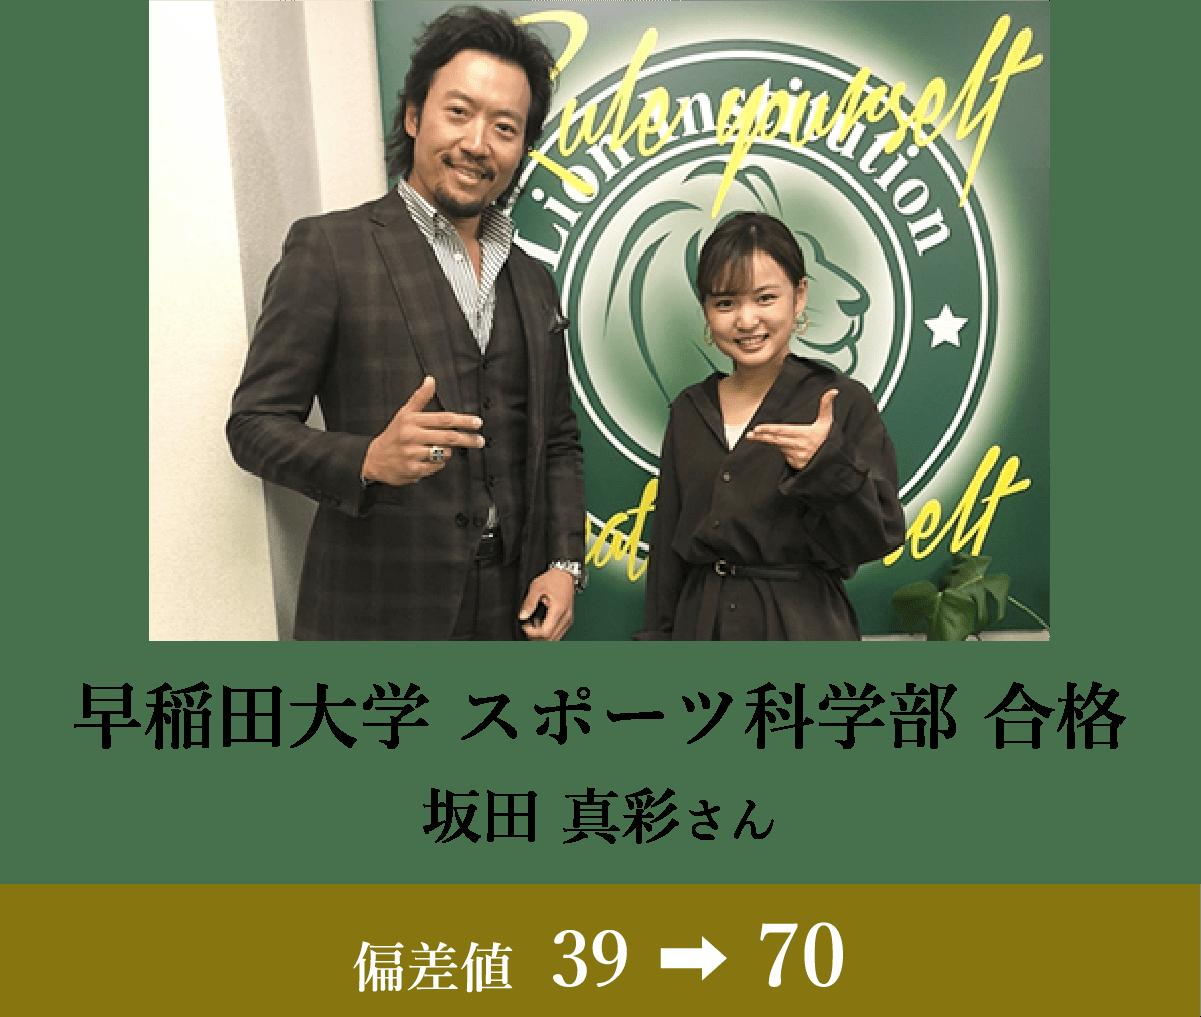 早稲田大学 スポーツ科学部 合格 坂田 真彩さん 偏差値39→70